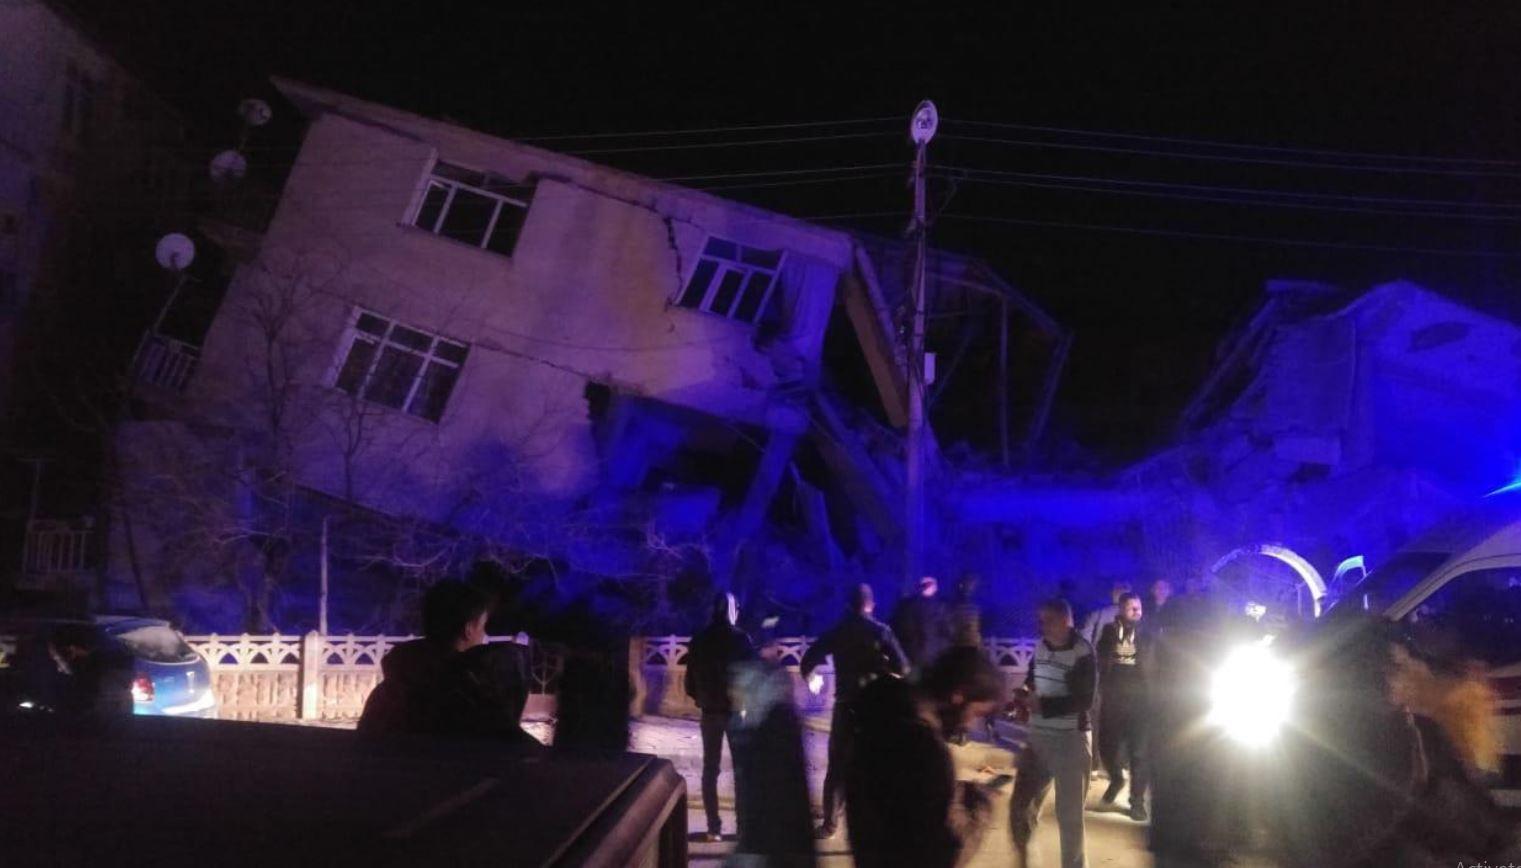 Tmerr në Turqi, tërmeti i fuqishëm shemb ndërtesat